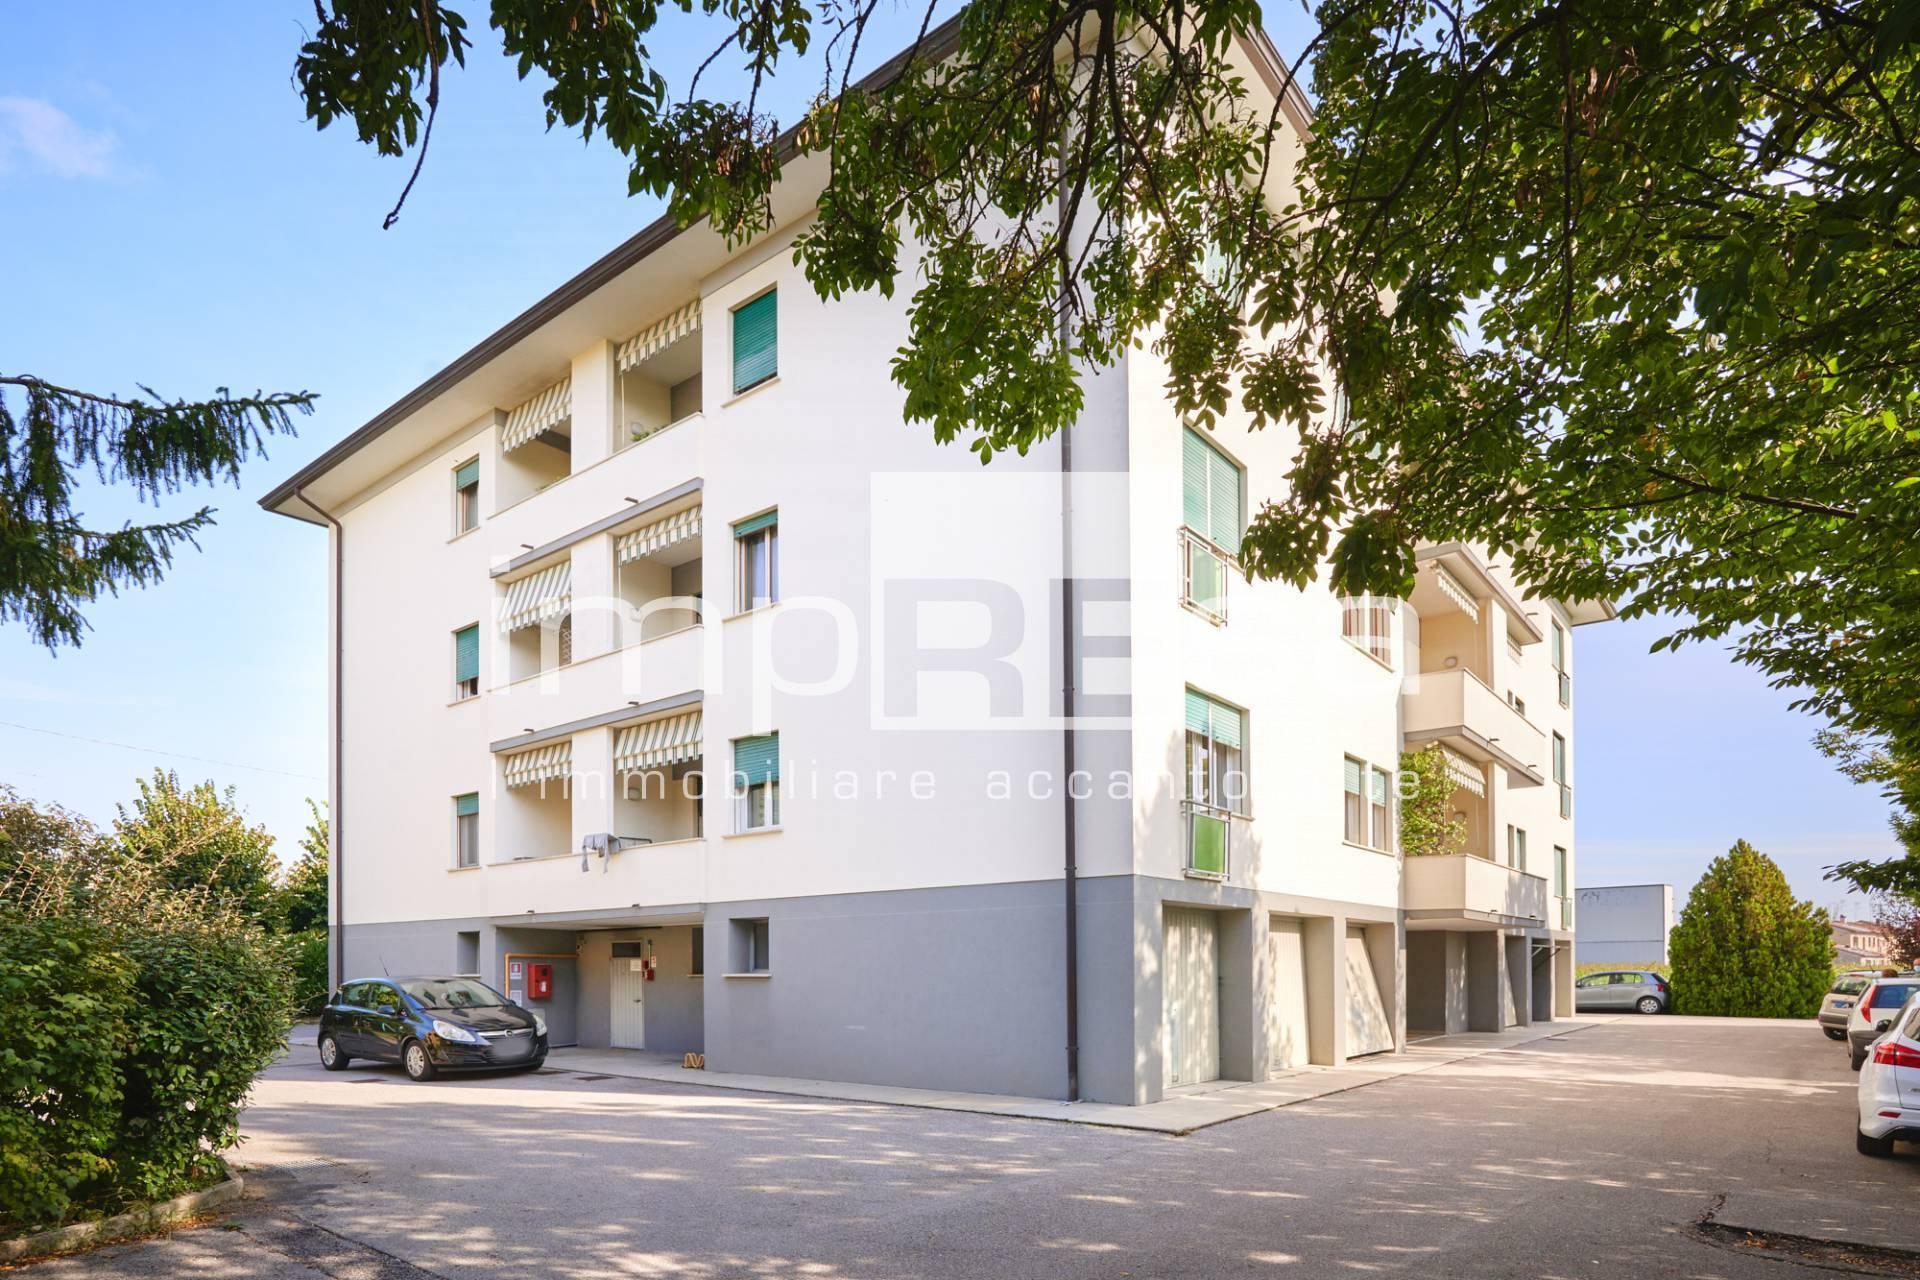 Appartamento in vendita a Santa Lucia di Piave, 5 locali, zona no, prezzo € 87.000   PortaleAgenzieImmobiliari.it